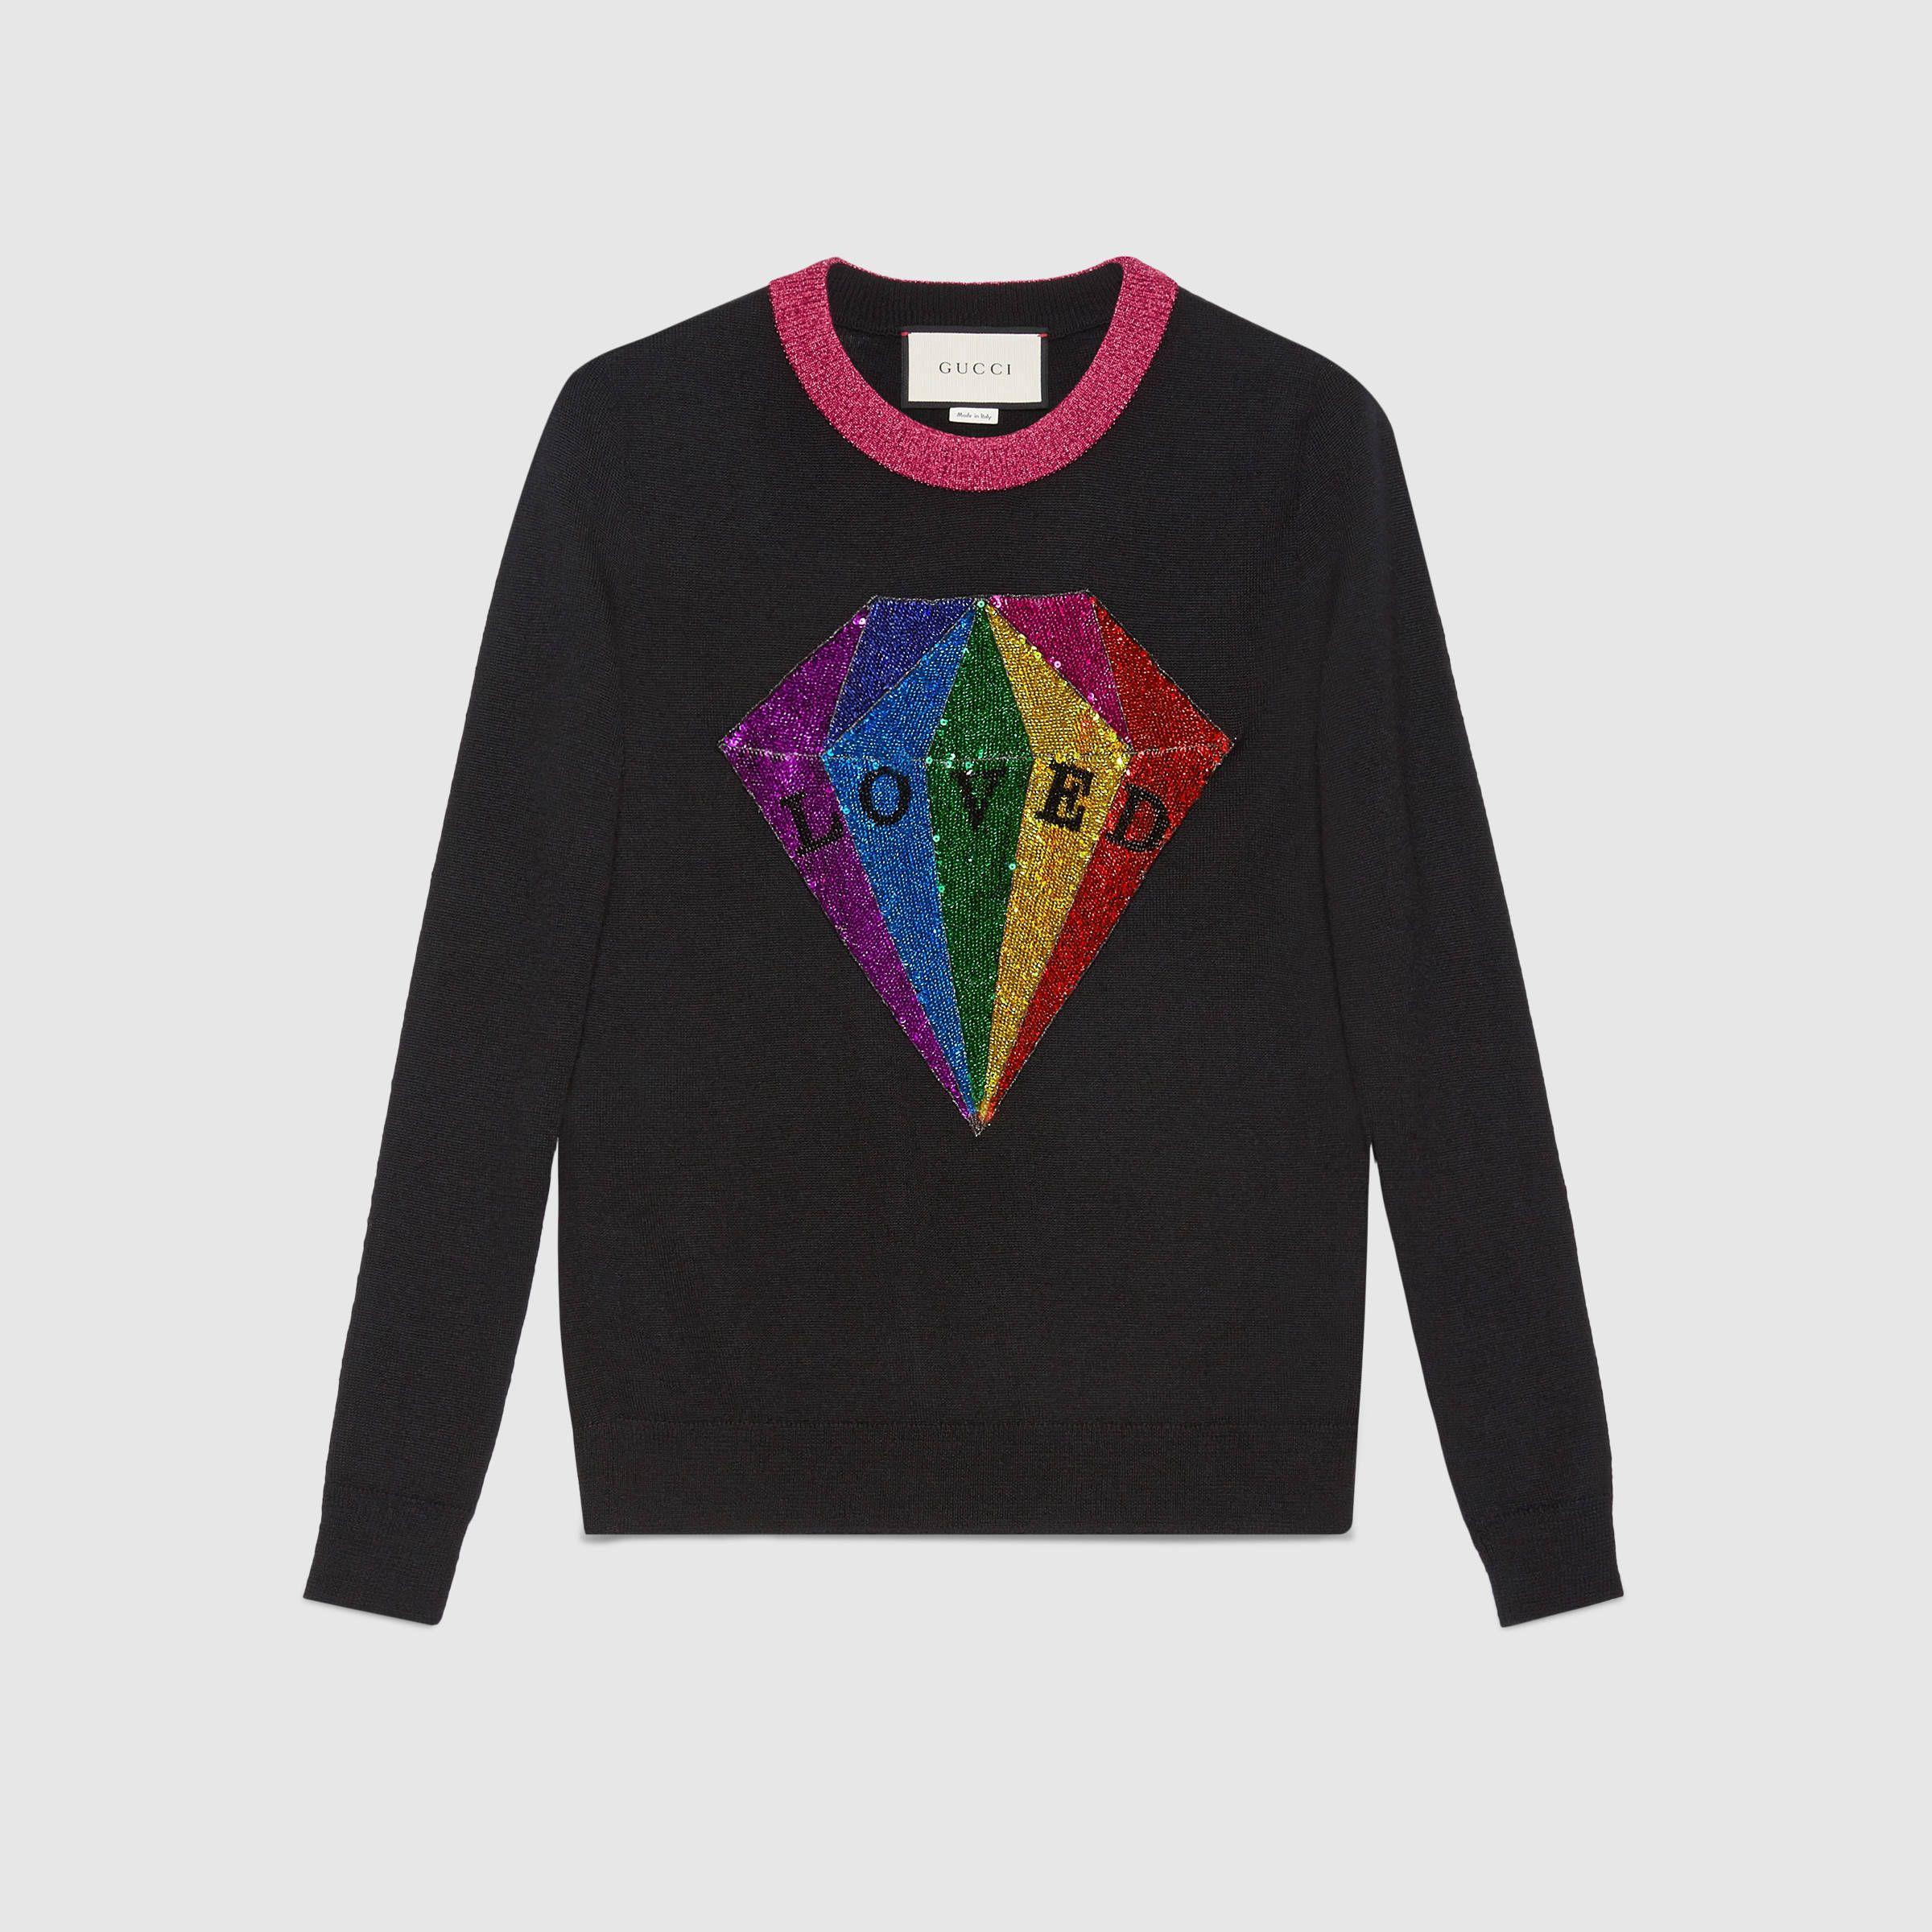 ff94ae0d Sequin diamond cashmere top | Dream Wardrobe | Gucci top, Diamond ...